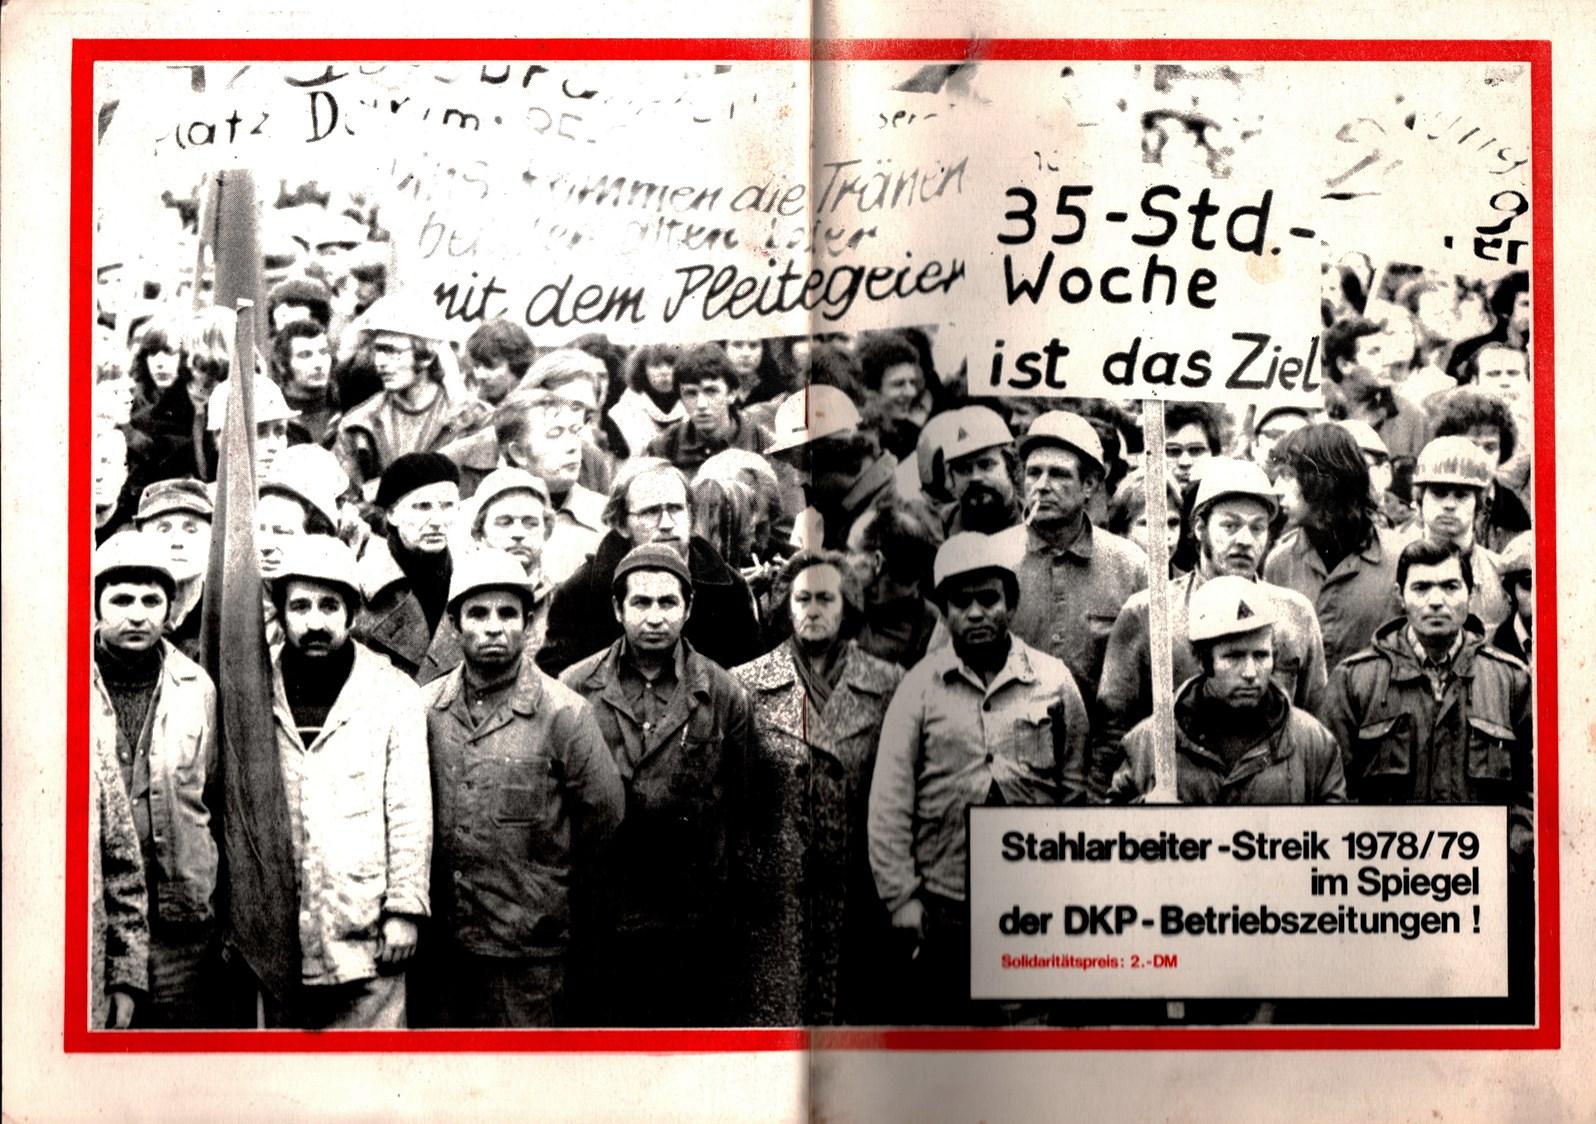 NRW_DKP_Stahlarbeiterstreik_1978_1979_001